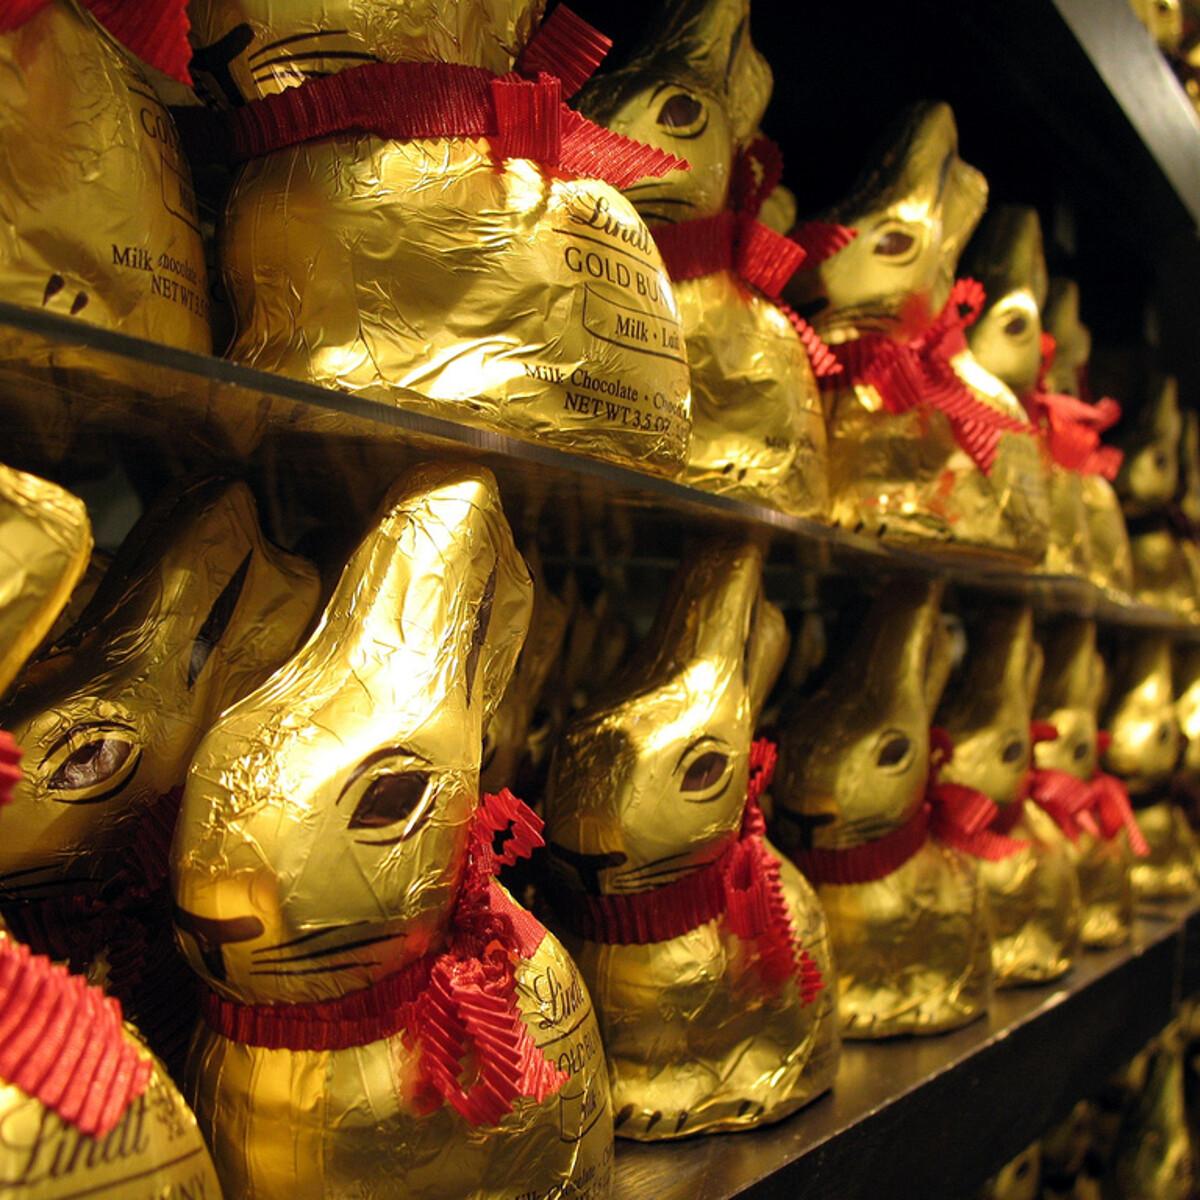 Prima vittoria della Lindt, il coniglietto dorato di cioccolato è solo suo